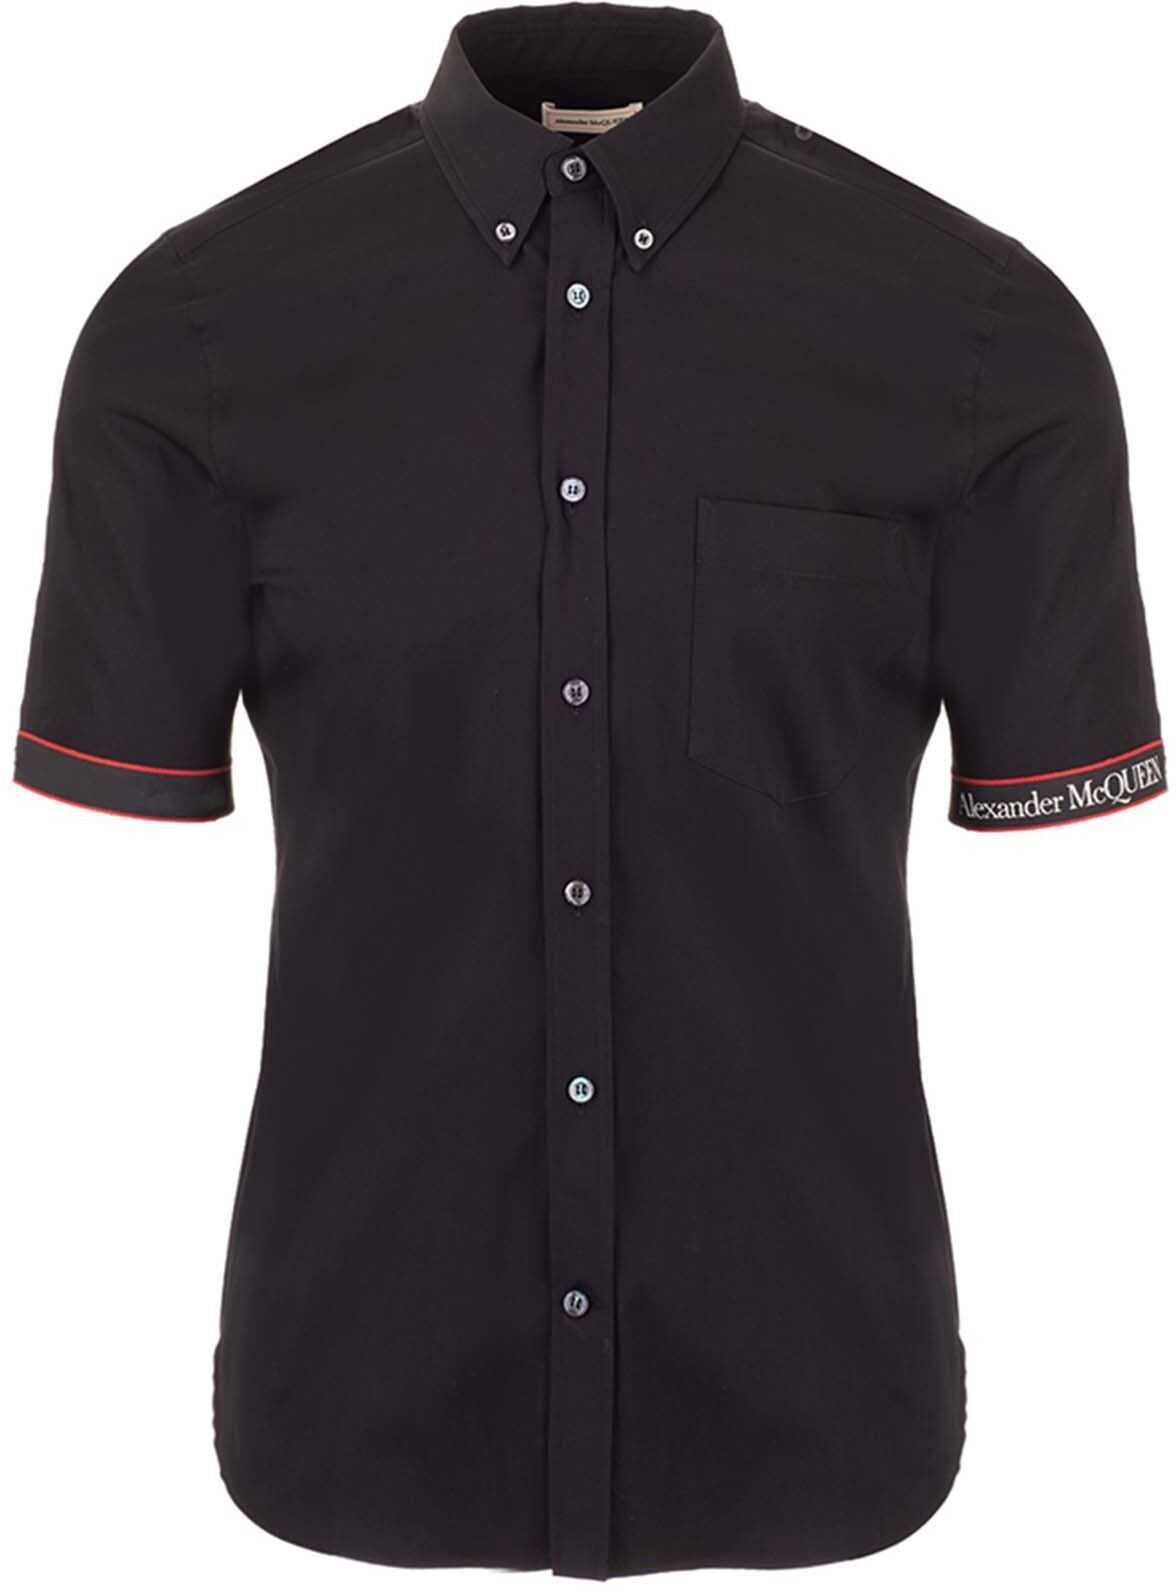 Alexander McQueen Logo Tape Brad Pitt Shirt In Black Black imagine